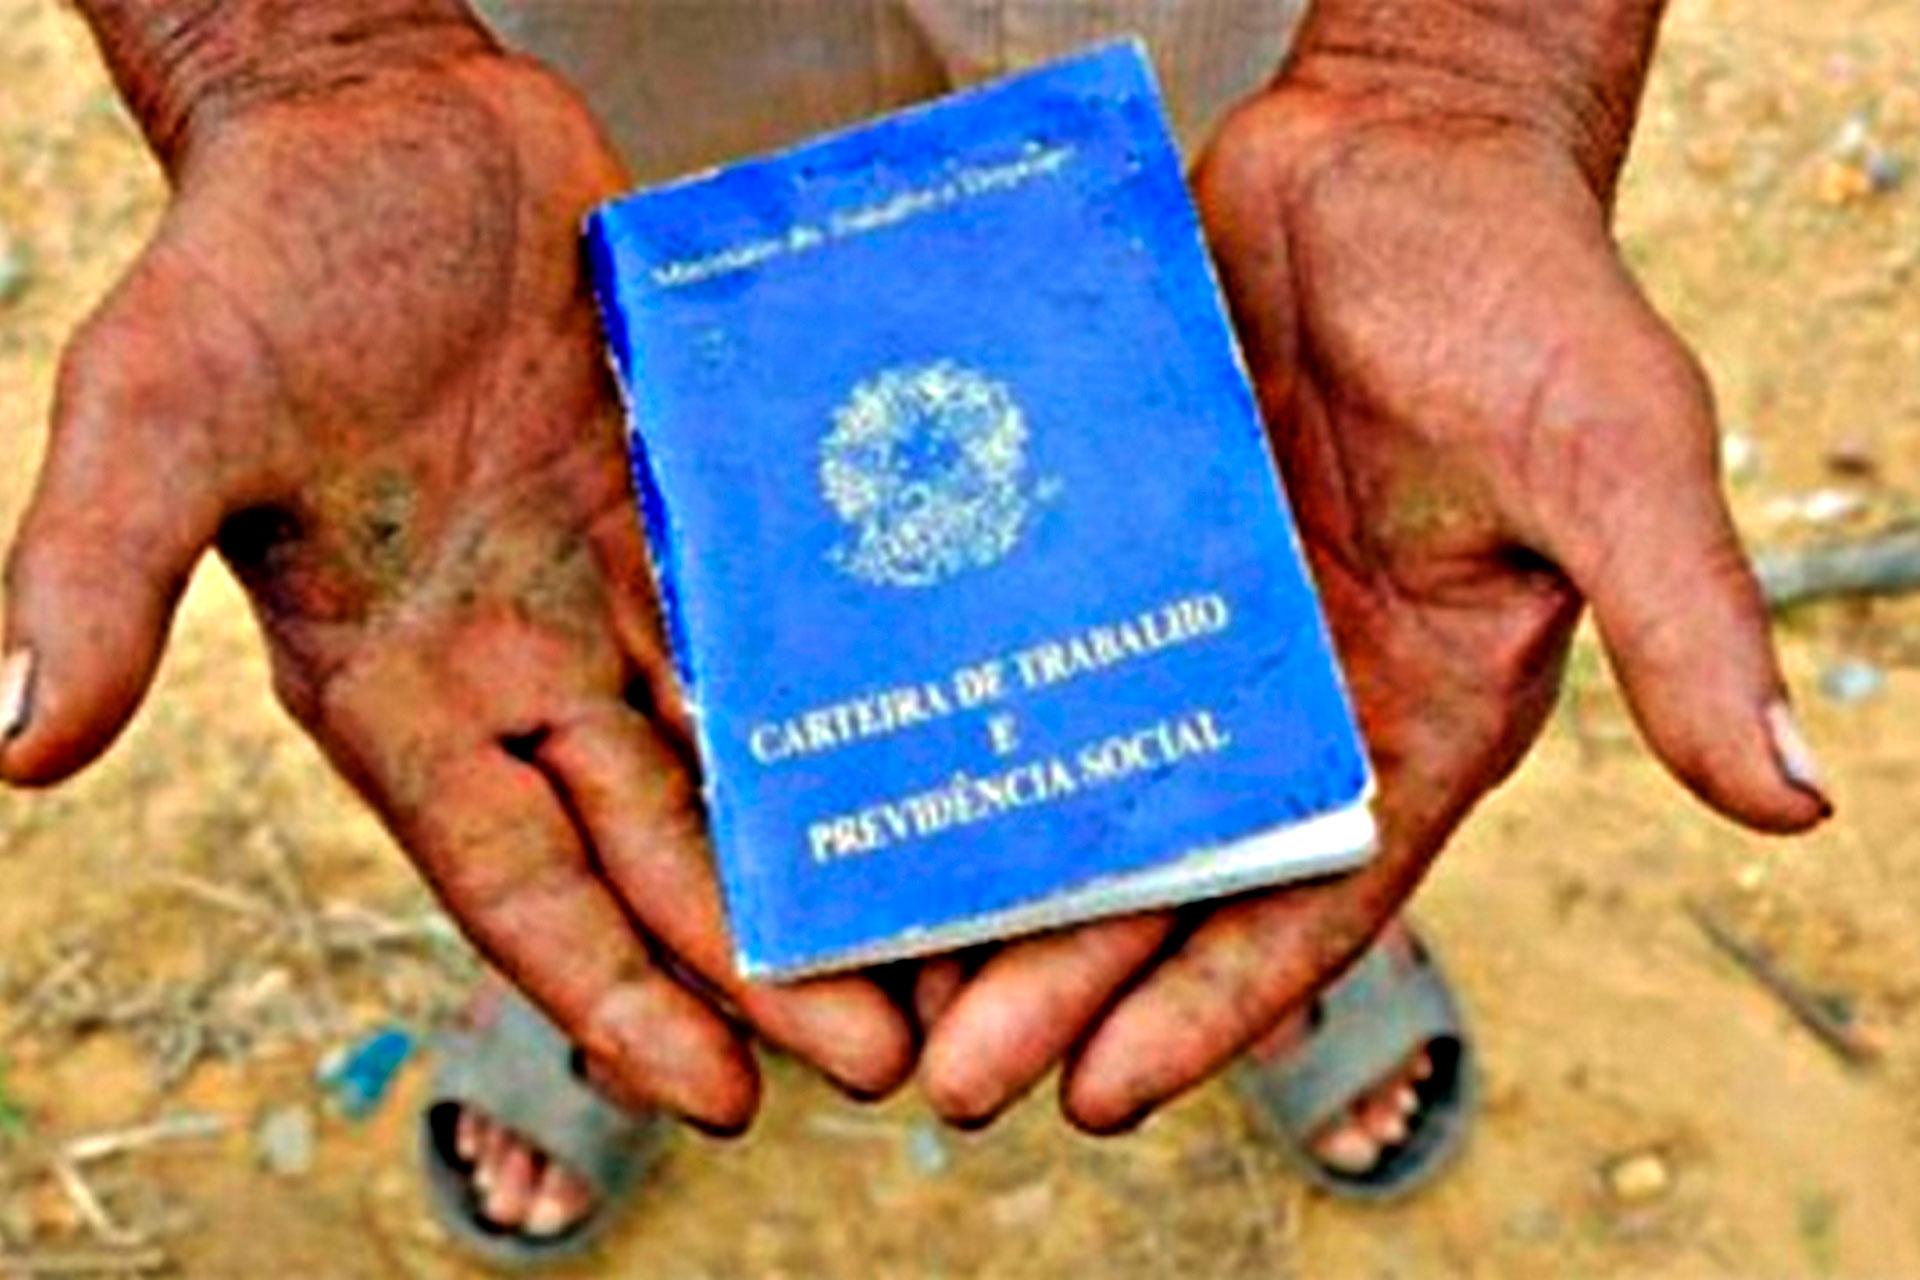 Reforma trabalhista: desvalorização e desproteção do trabalho humano